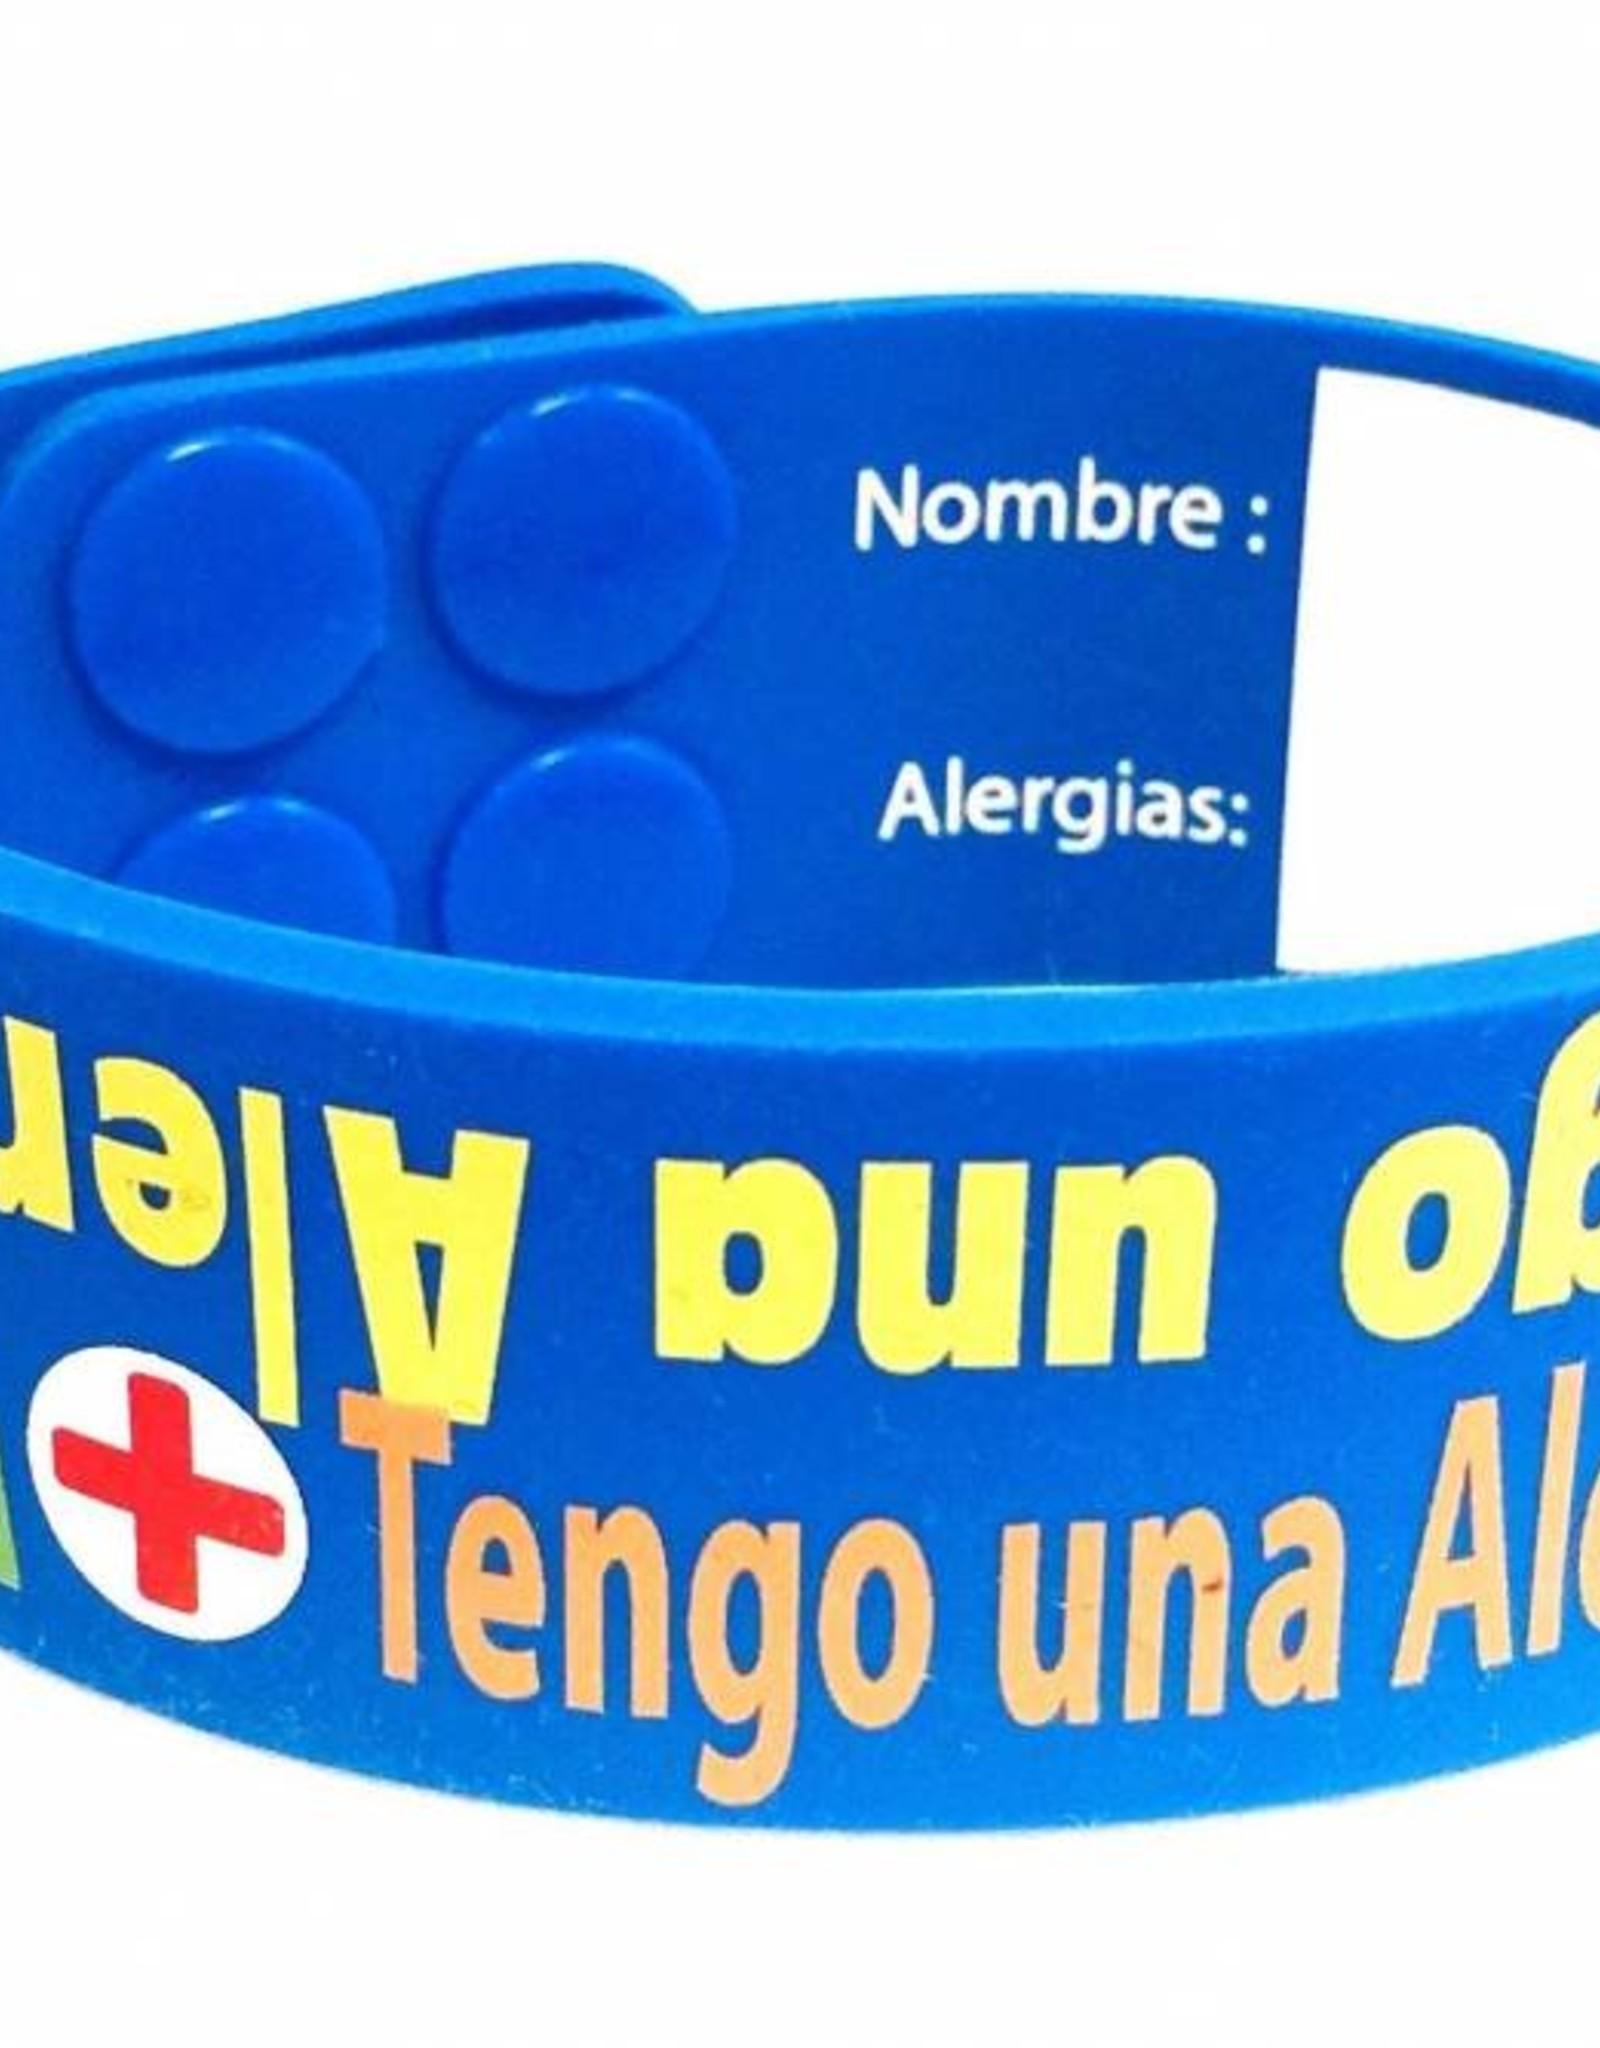 J'ai bracelet allergie anglais - espagnol